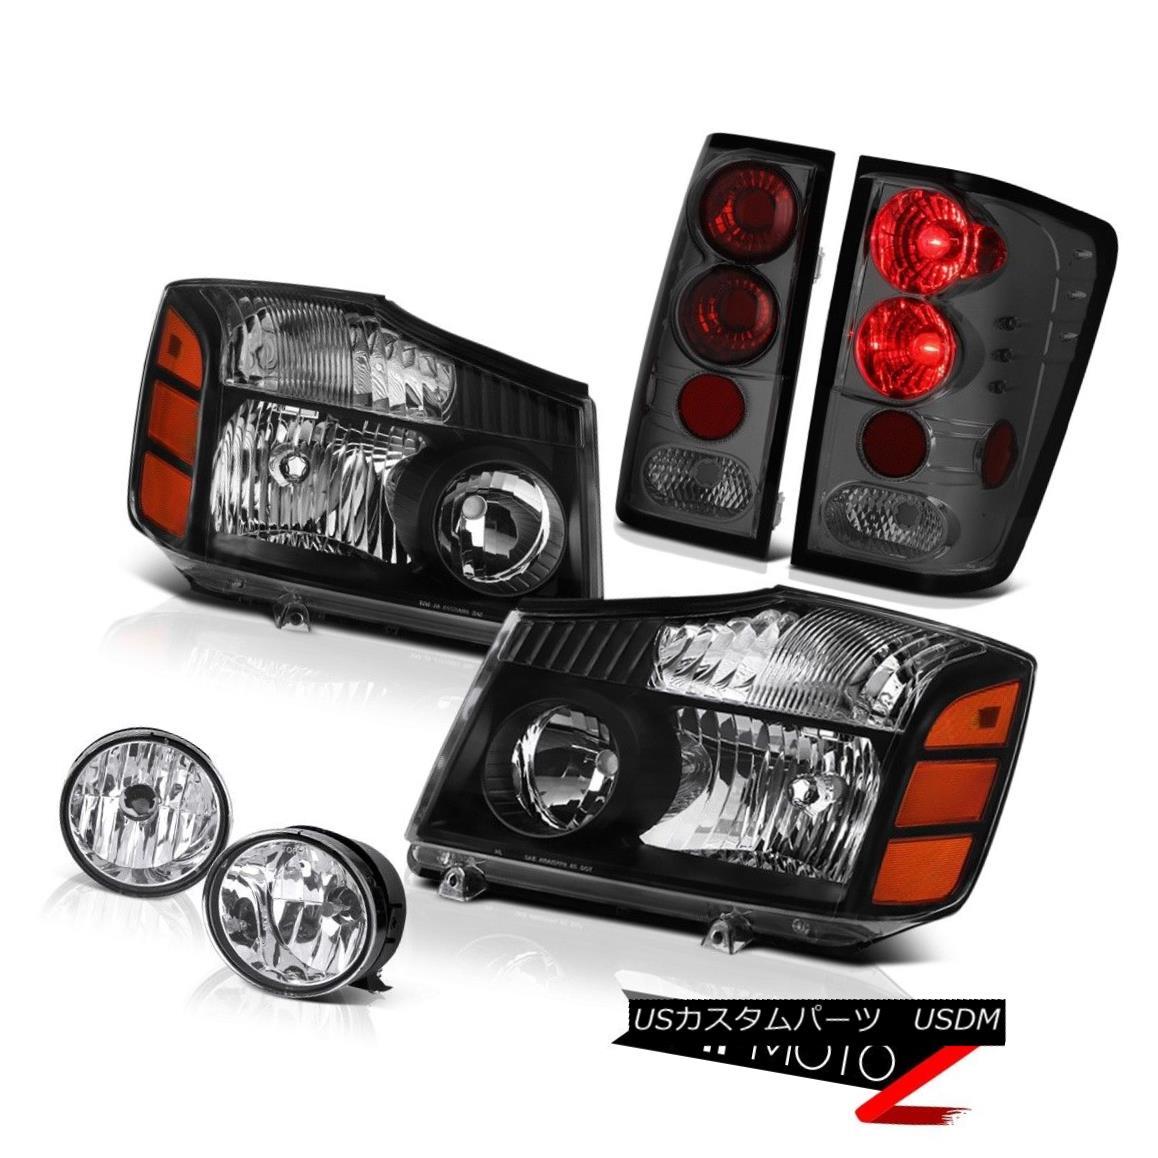 ヘッドライト NEW For 2004-2015 Titan S Left Right Headlights Smoked Brake Lights Bumper Fog 2004年?2015年のNEWタイタンS左ライトヘッドライトスモークブレーキライトバンパーフォグ